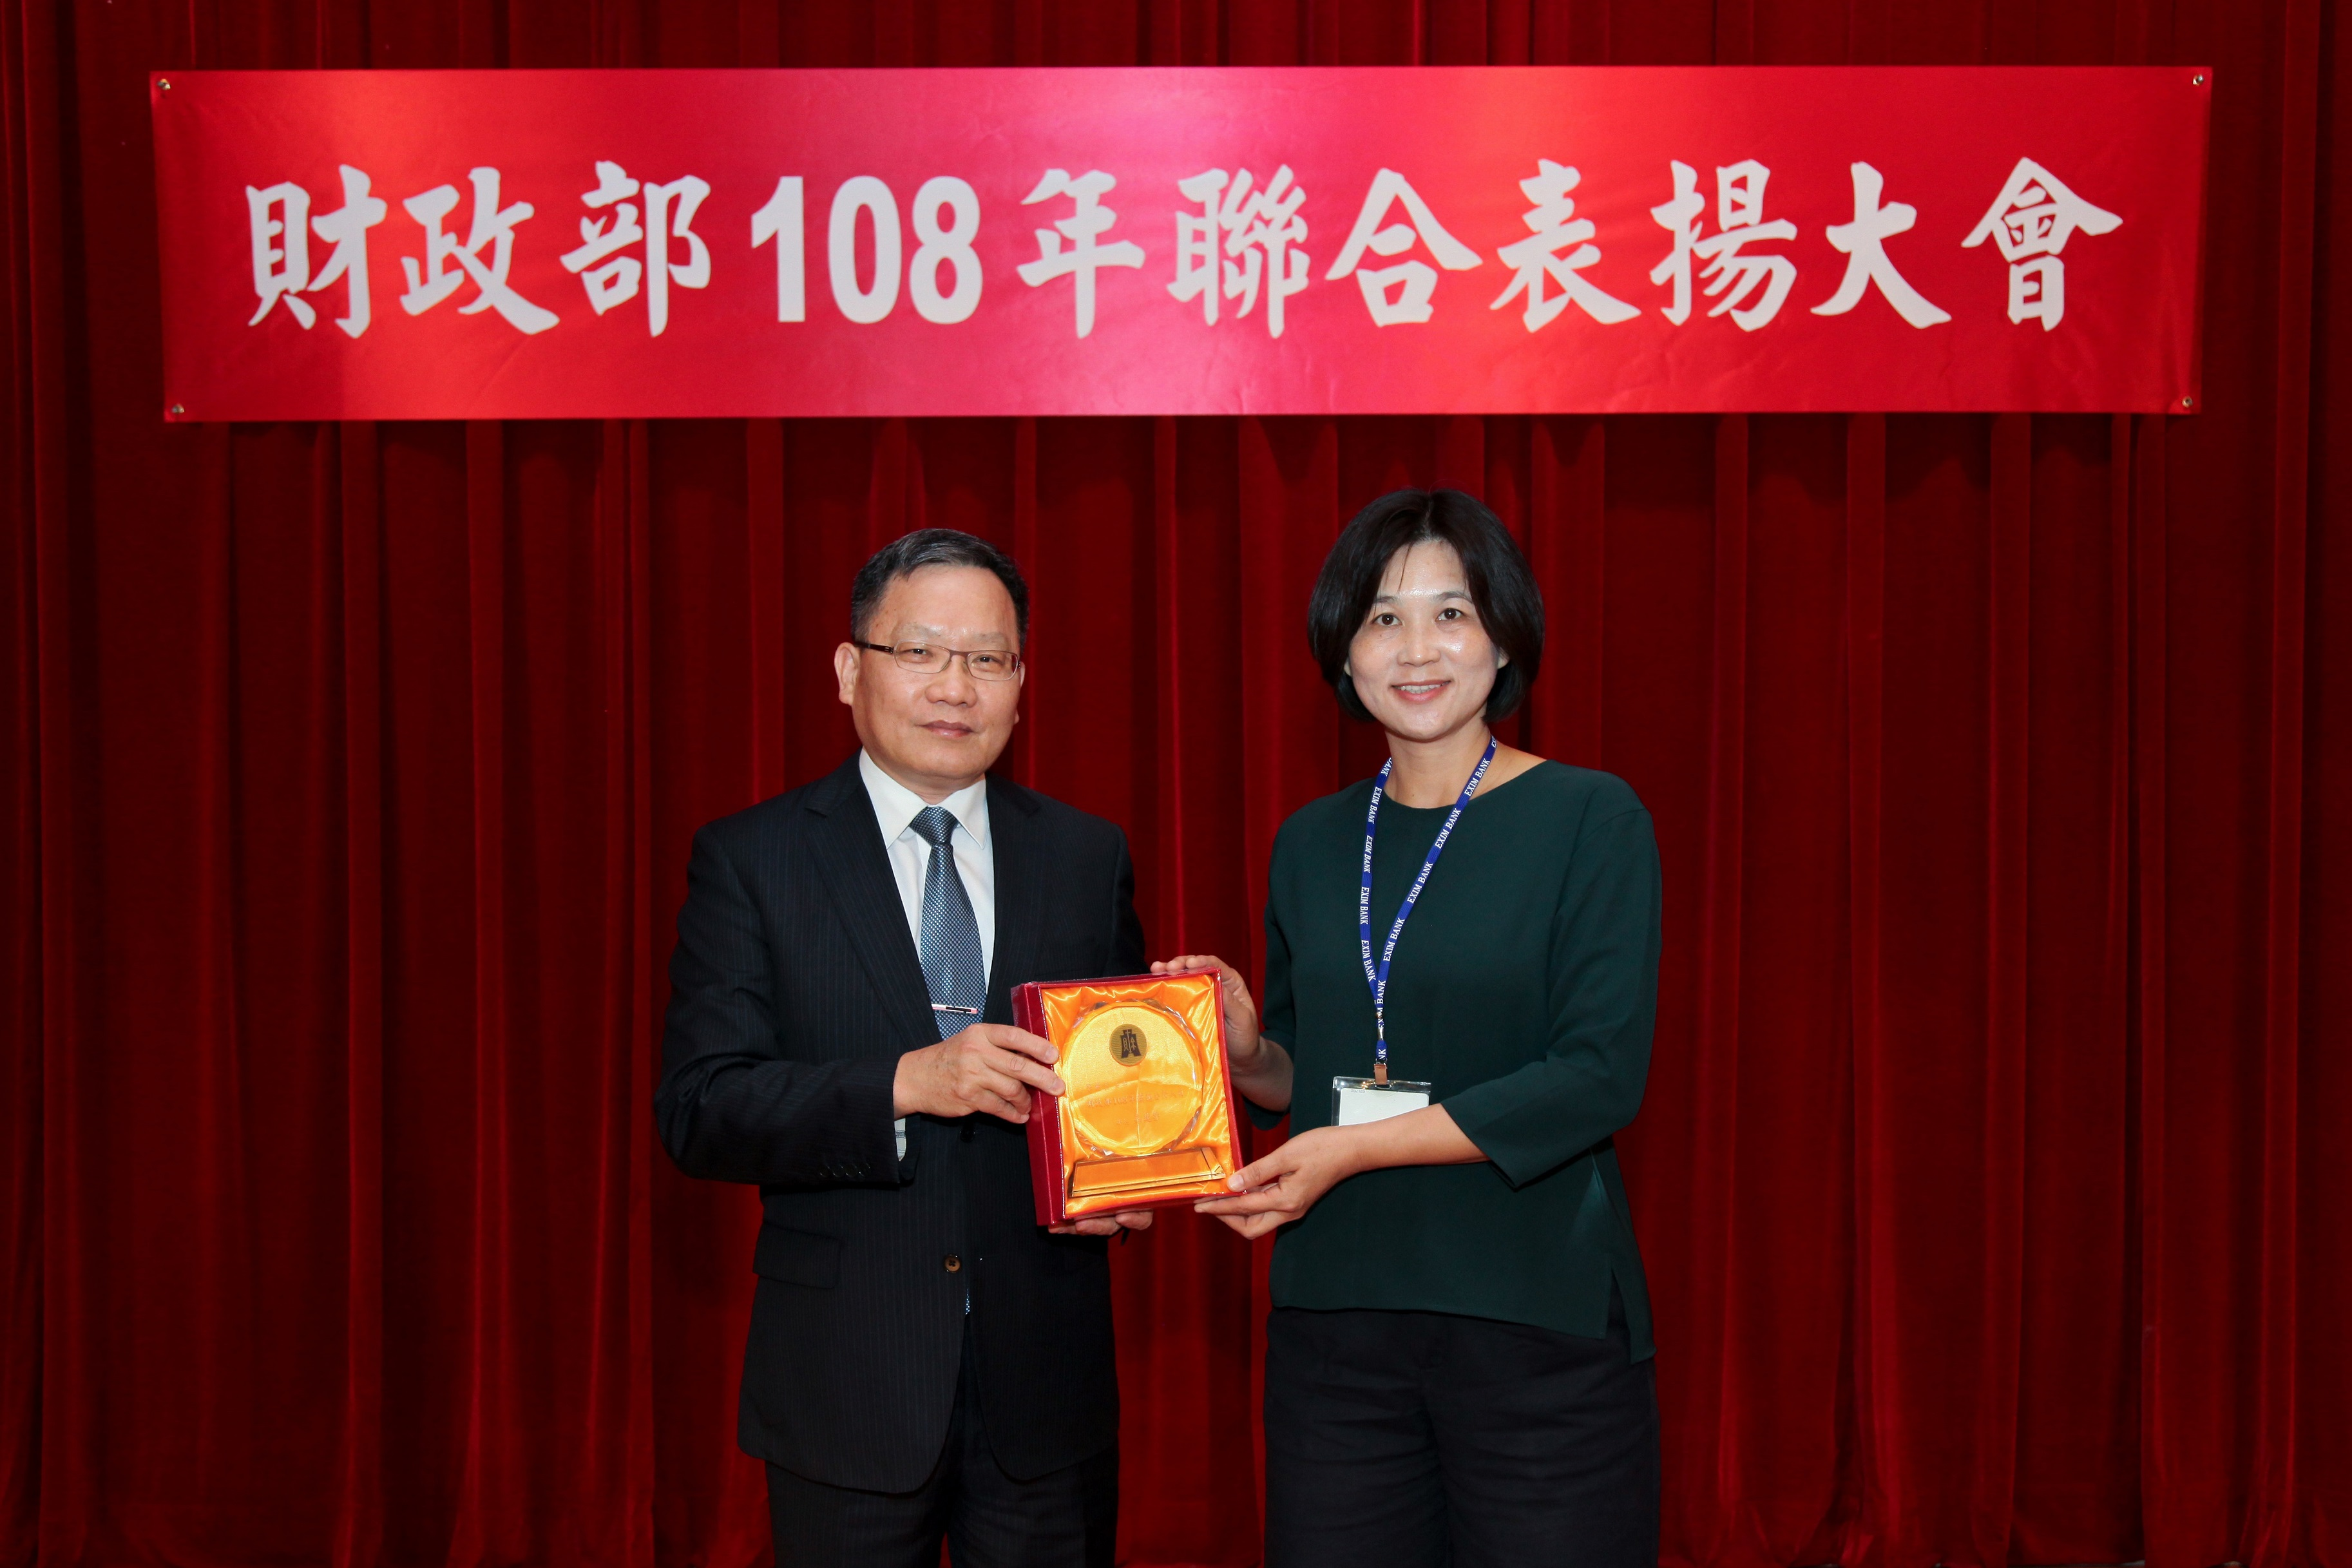 圖片說明-台南分行 李麗雲副理獲頒模範公務人員